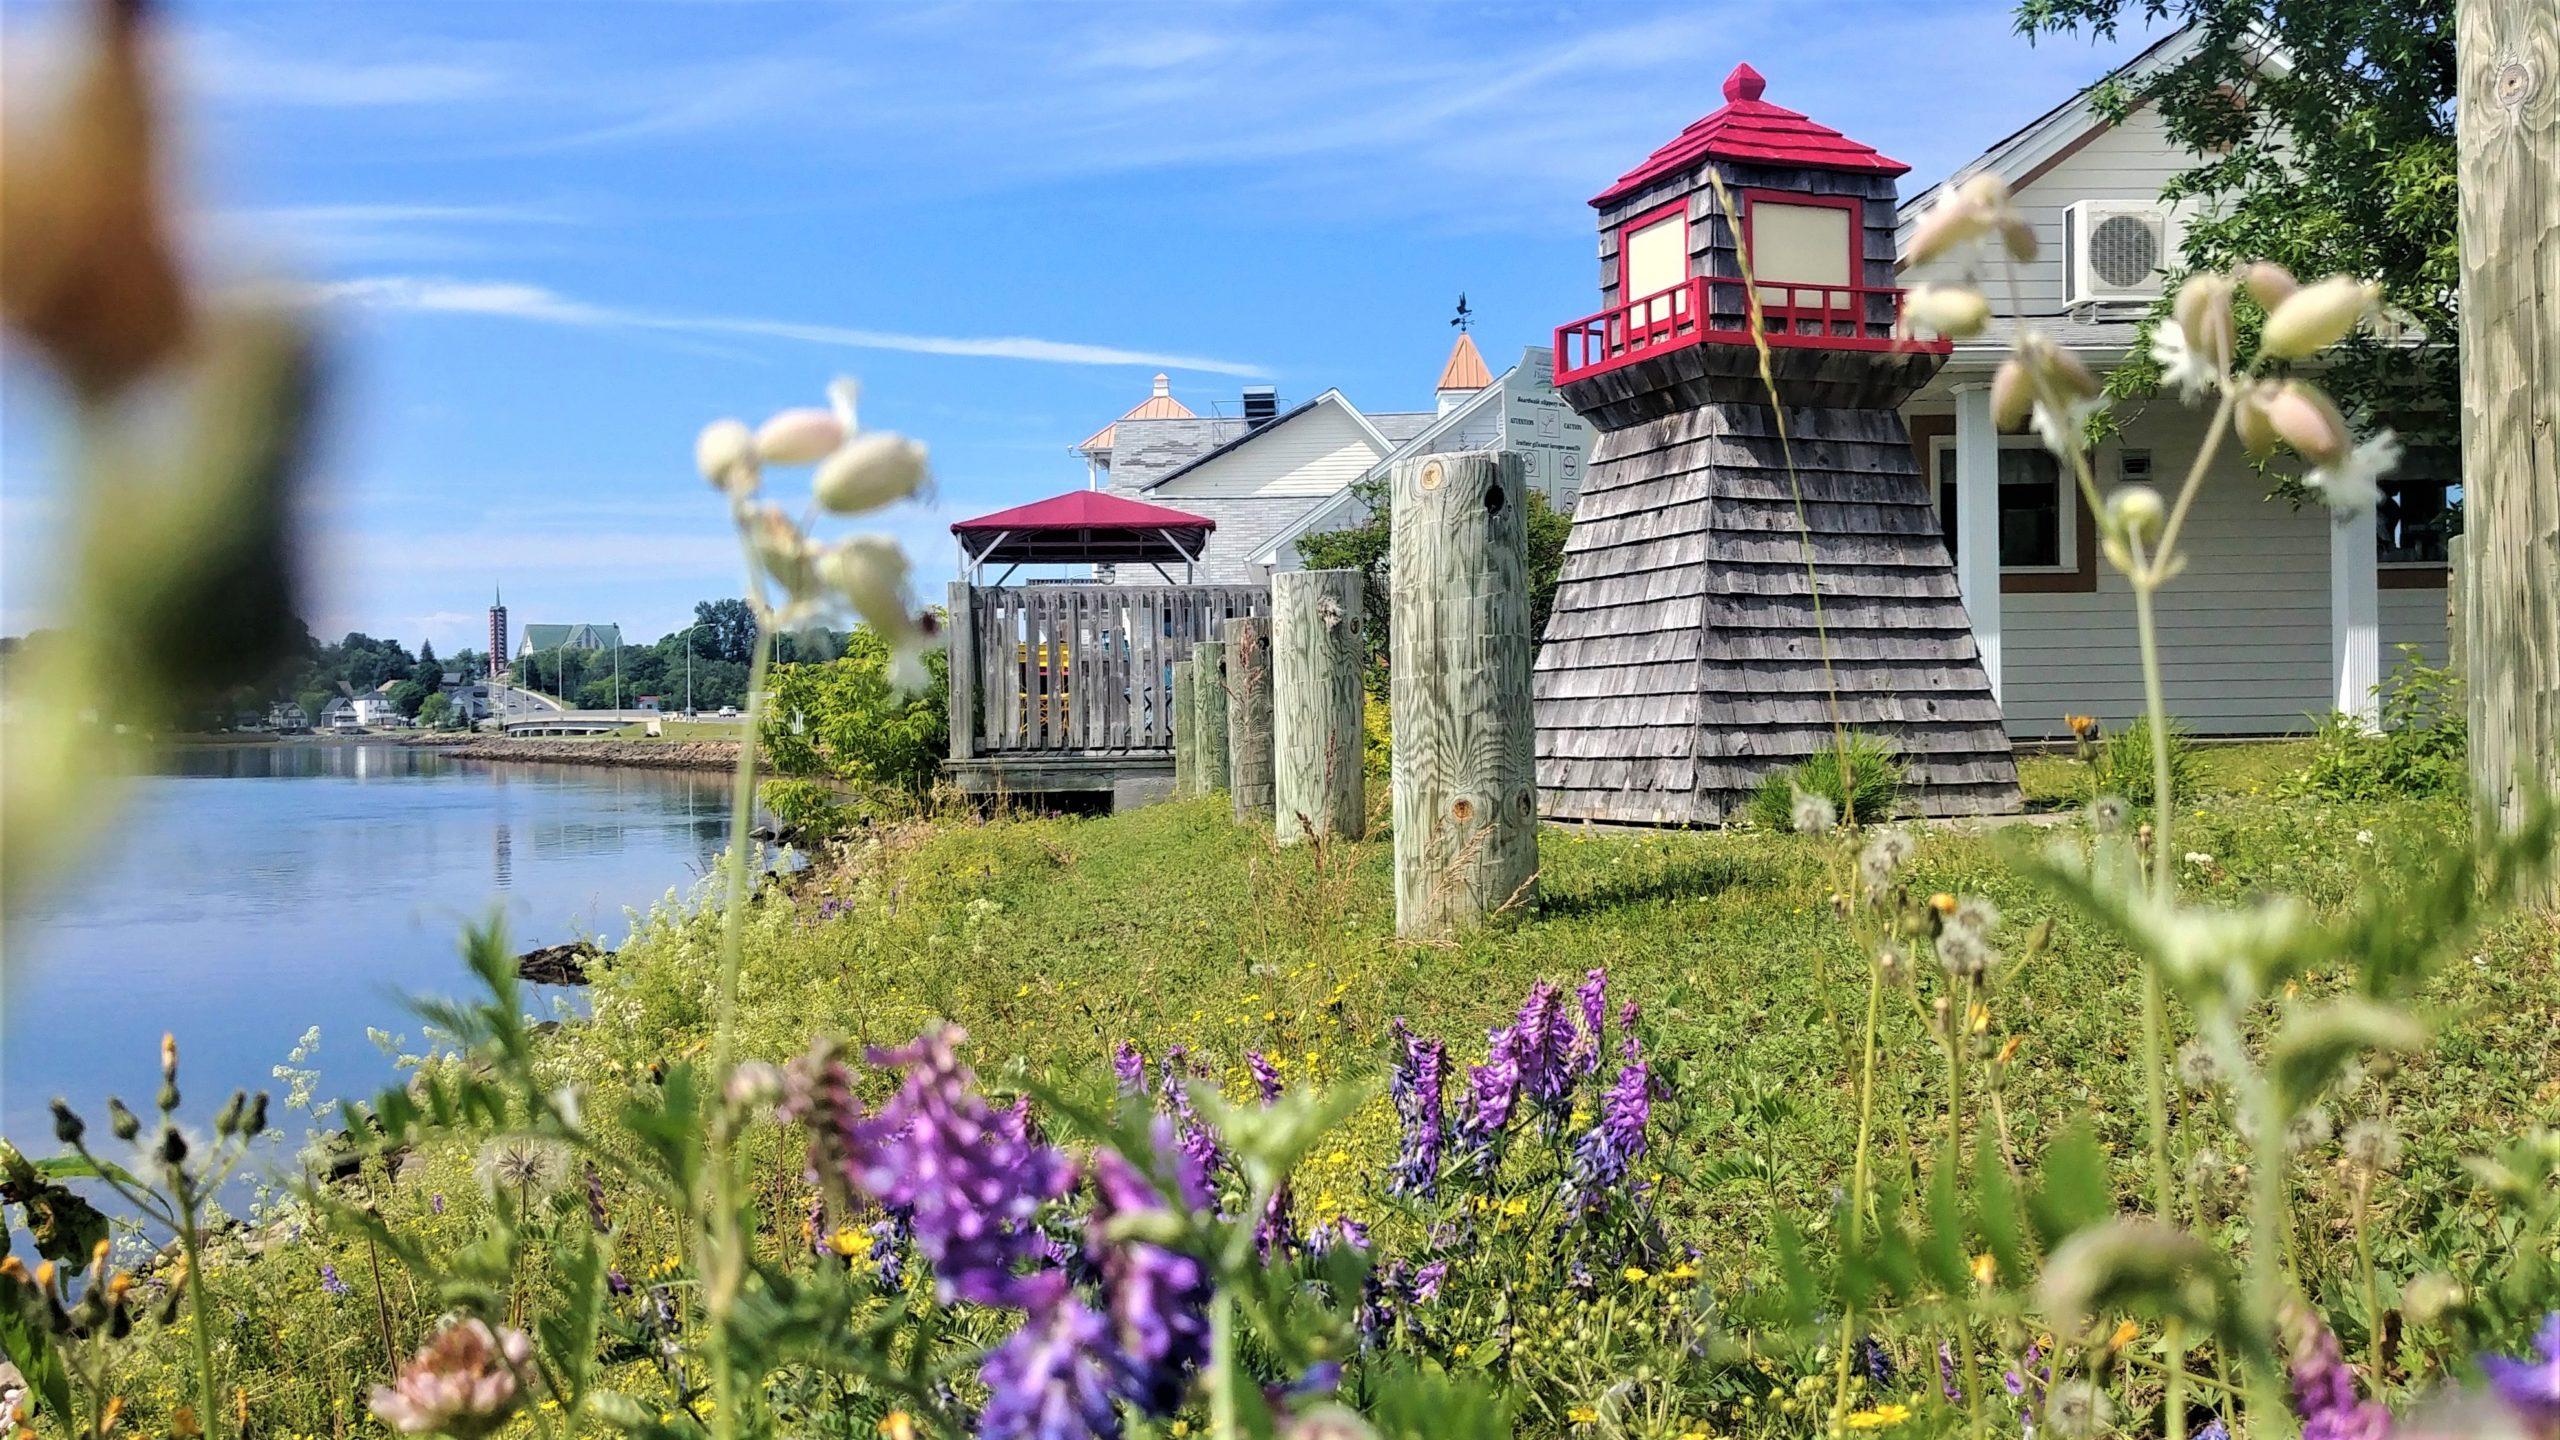 Bathurst Promenade Waterfront activités région Chaleur blog voyage Nouveau-Brunswick Canada Arpenter le chemin